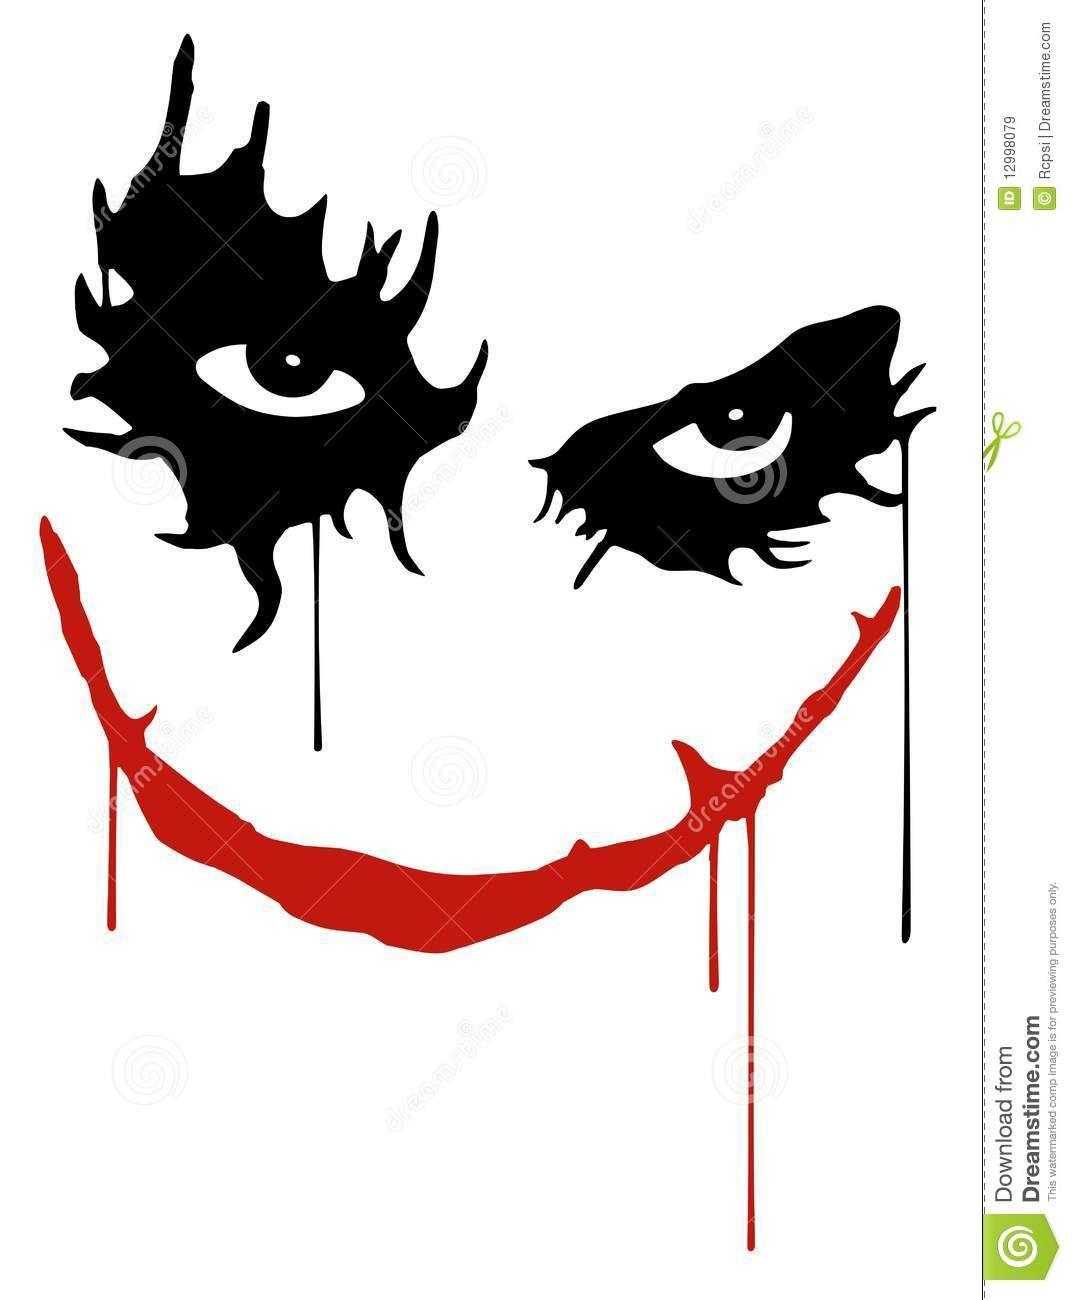 Halloween Joker Card.Images For Joker Card Pumpkin Stencil For Sadia Pumpkin